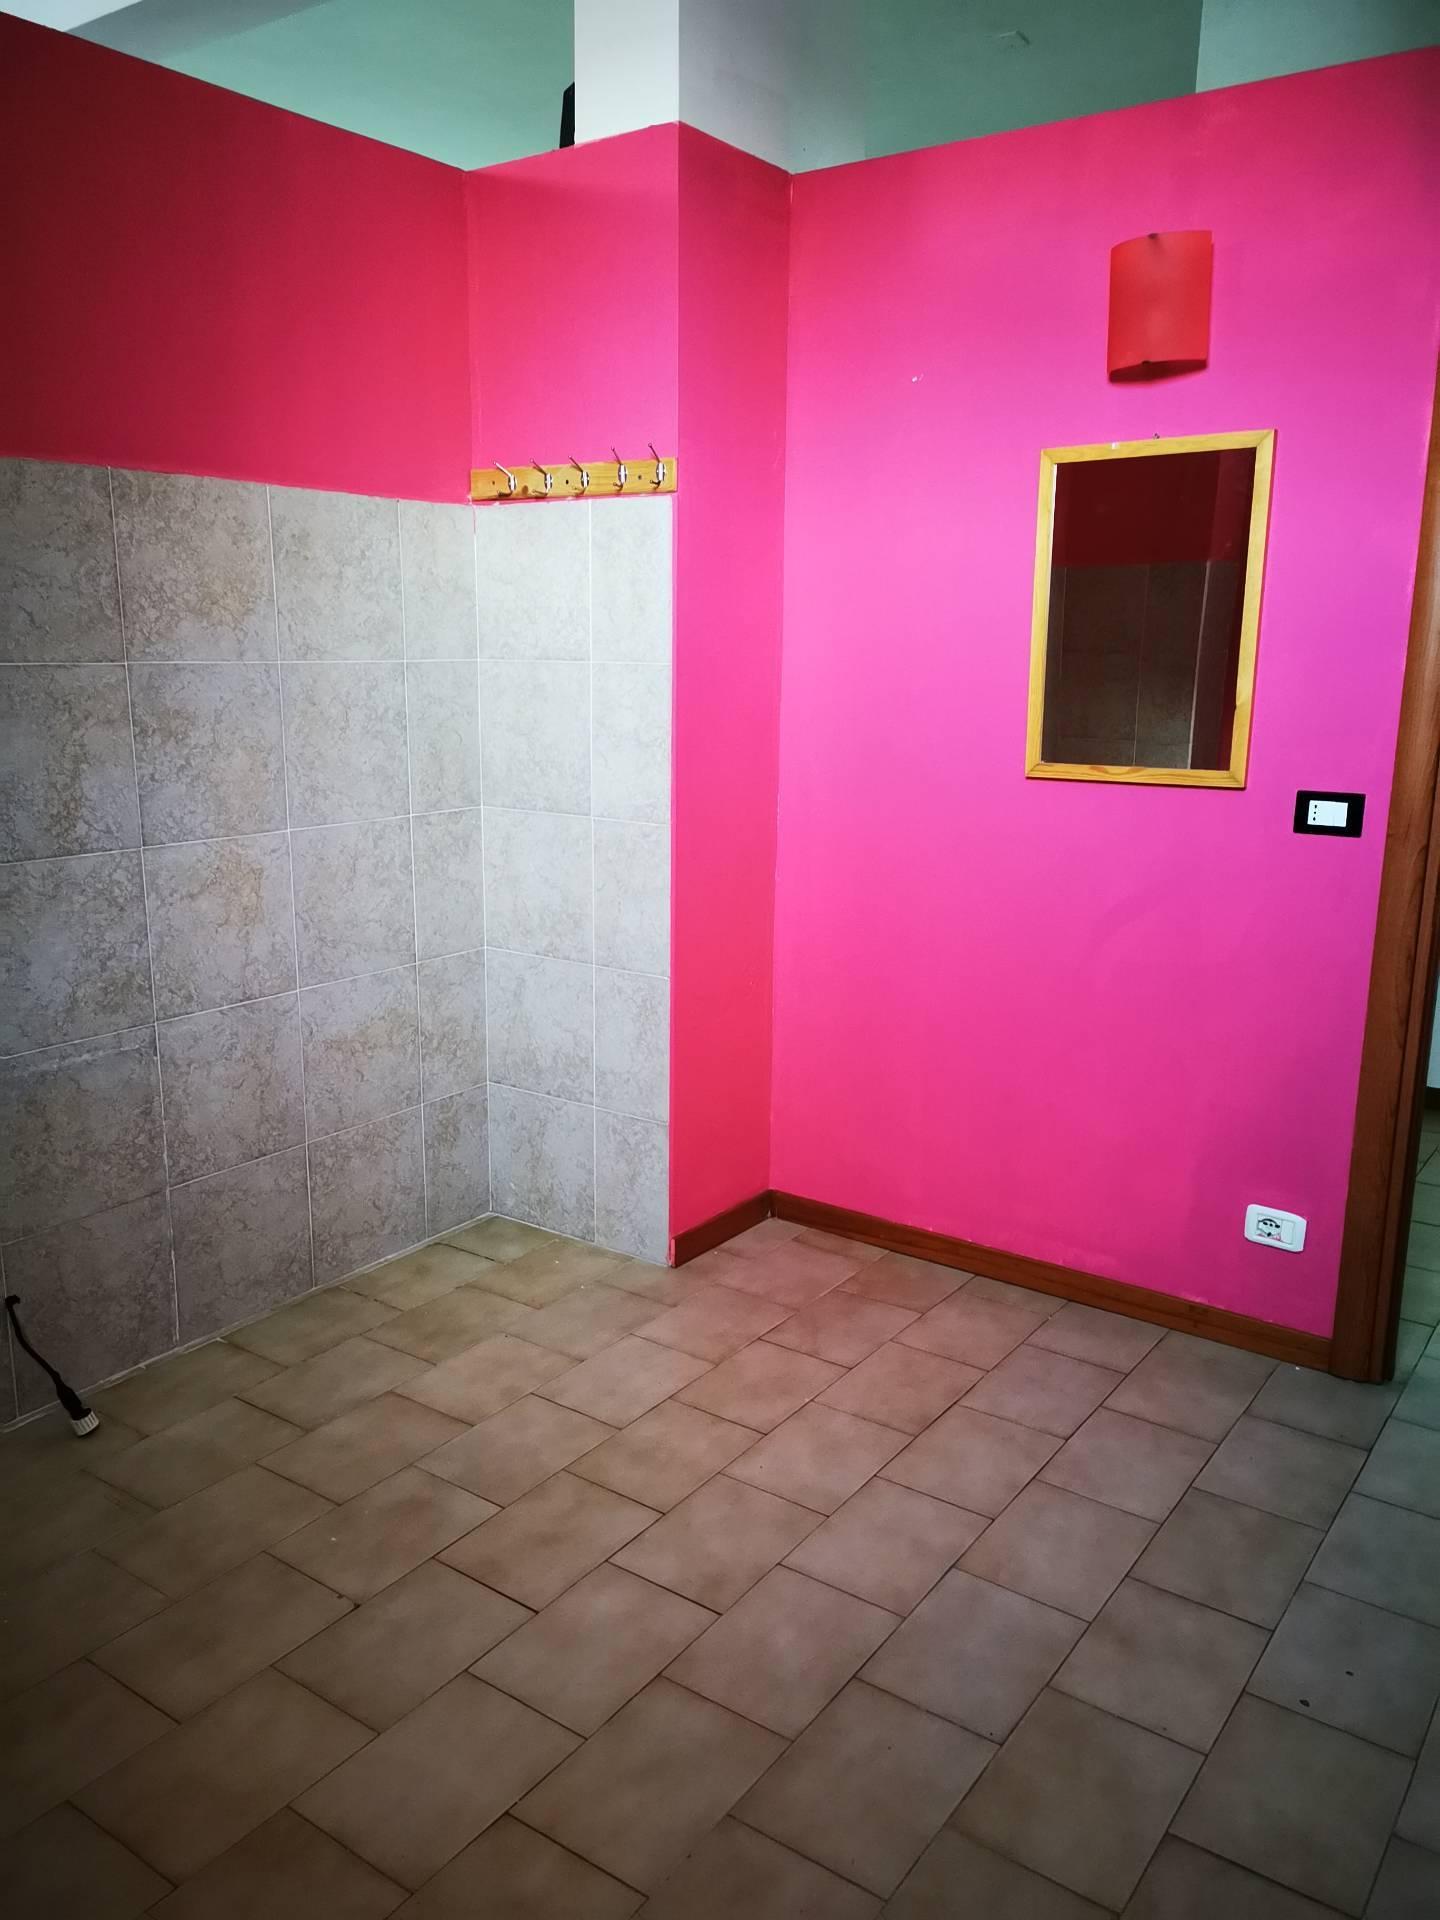 Negozio / Locale in affitto a Giulianova, 9999 locali, prezzo € 230.000 | CambioCasa.it